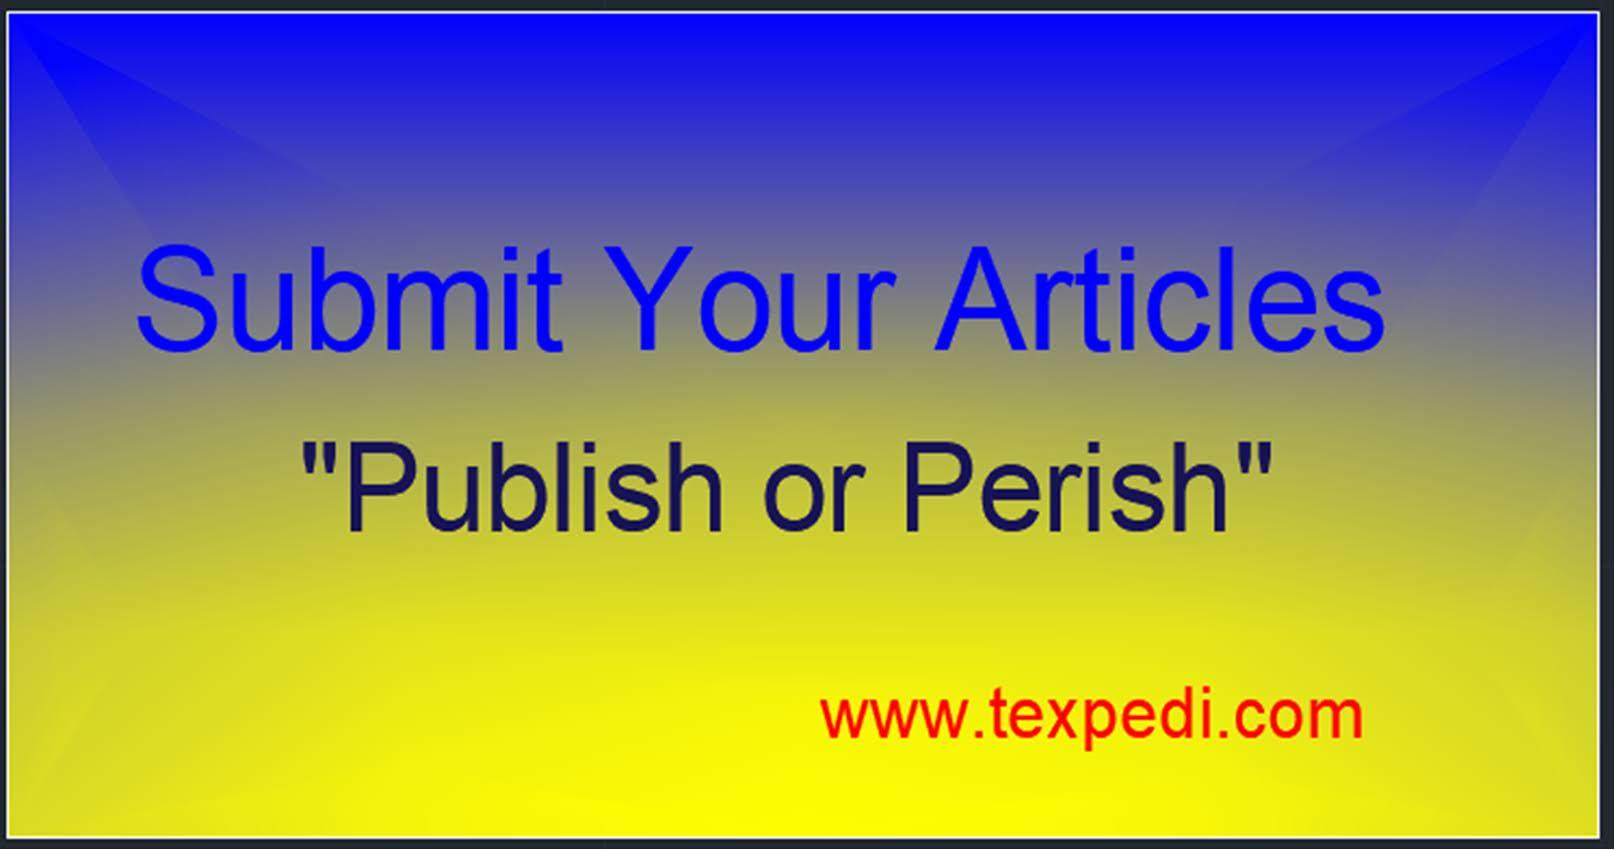 Guest post at Texpedi.com